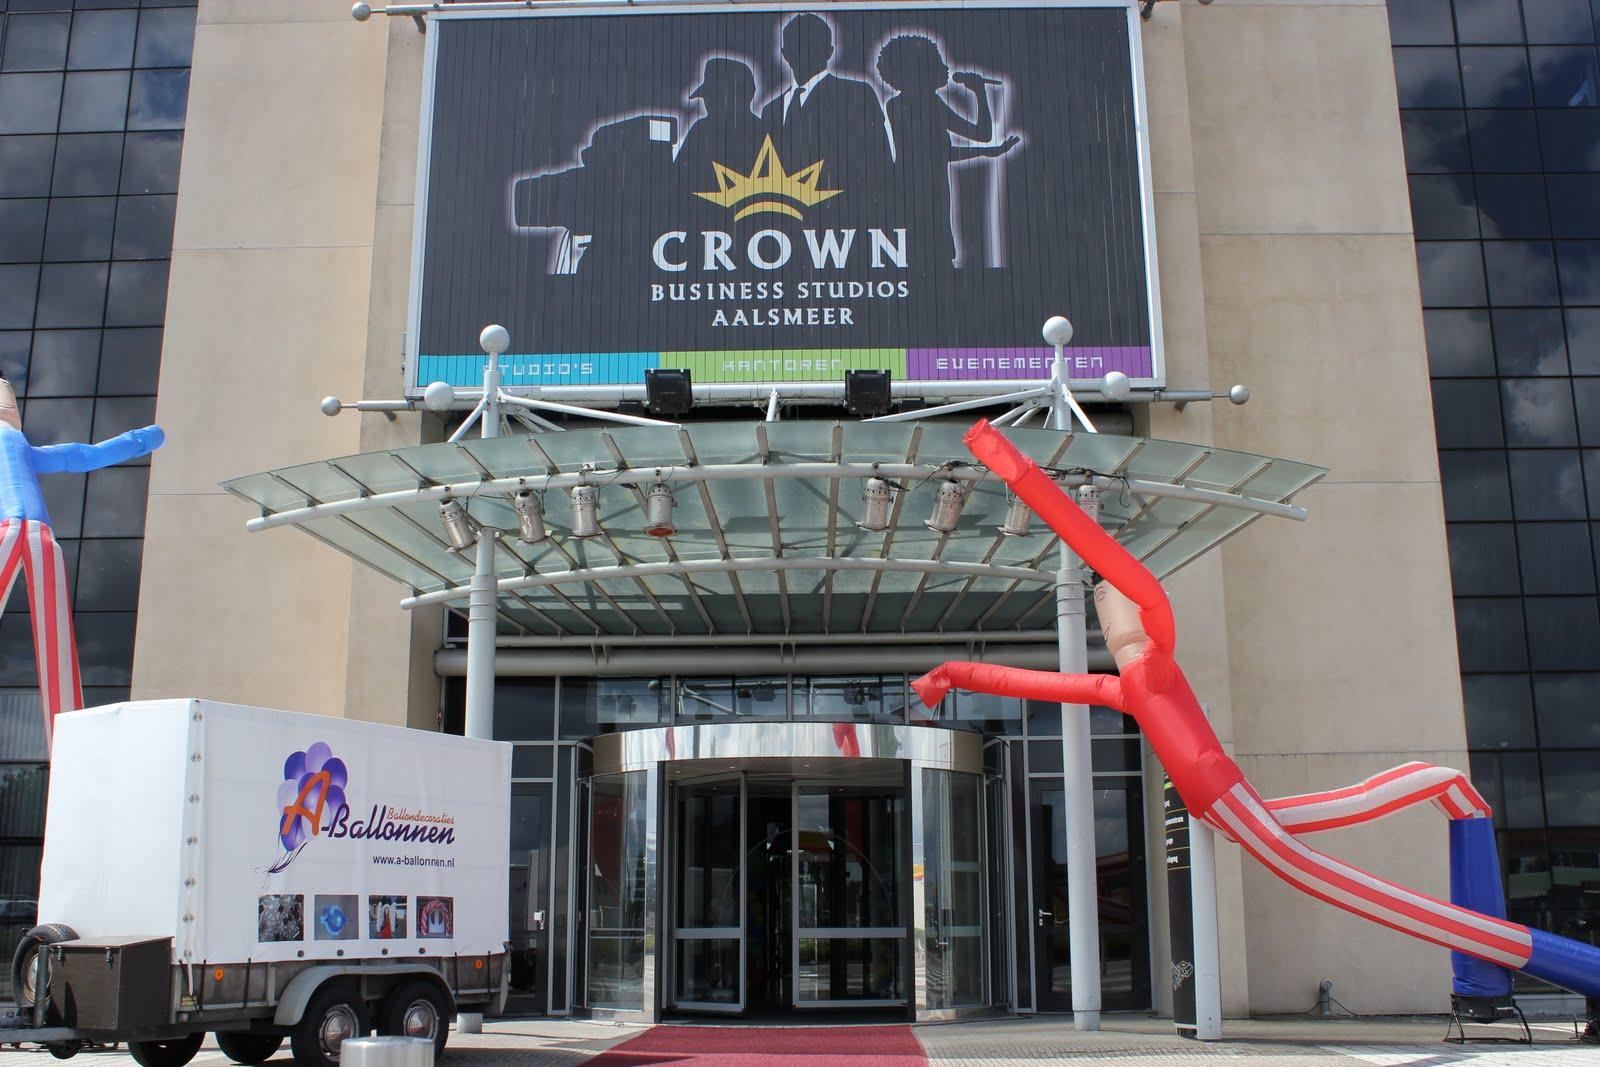 A ballonnen ballonnen decoraties crown studio aalsmeer tv